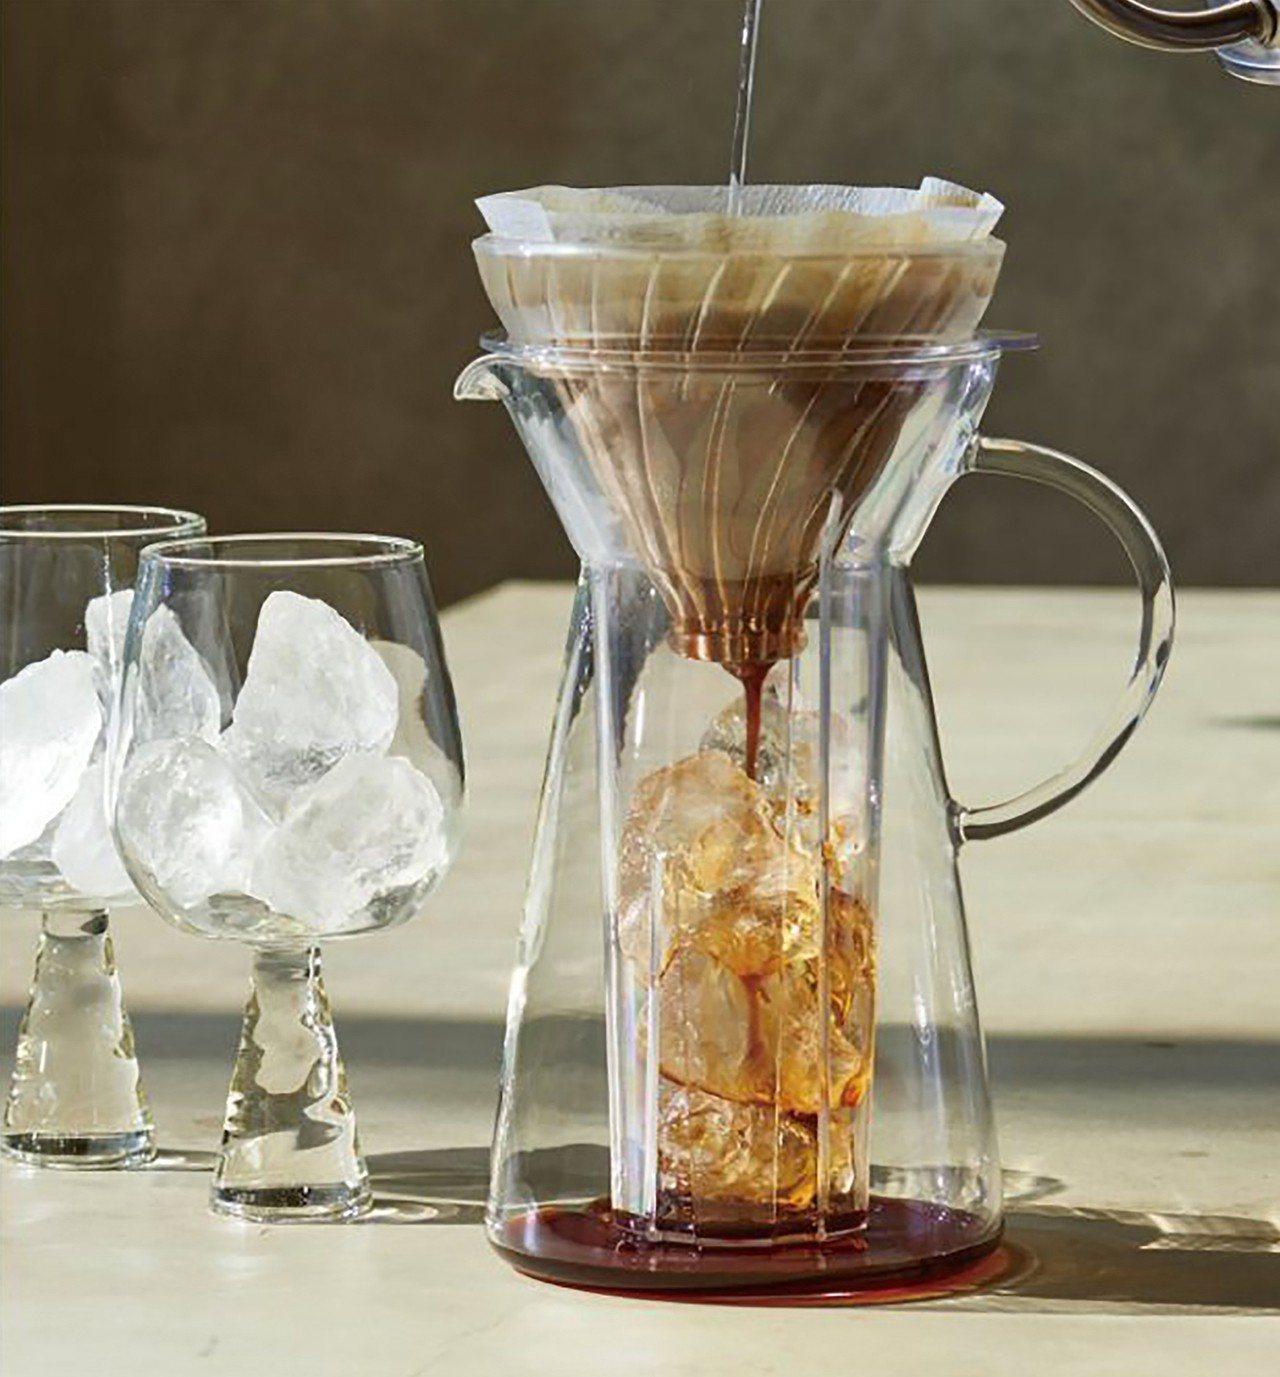 V60濾杯玻璃冷泡咖啡壺VIG-02T,台隆手創館4月4日至5月12日限量3折特...